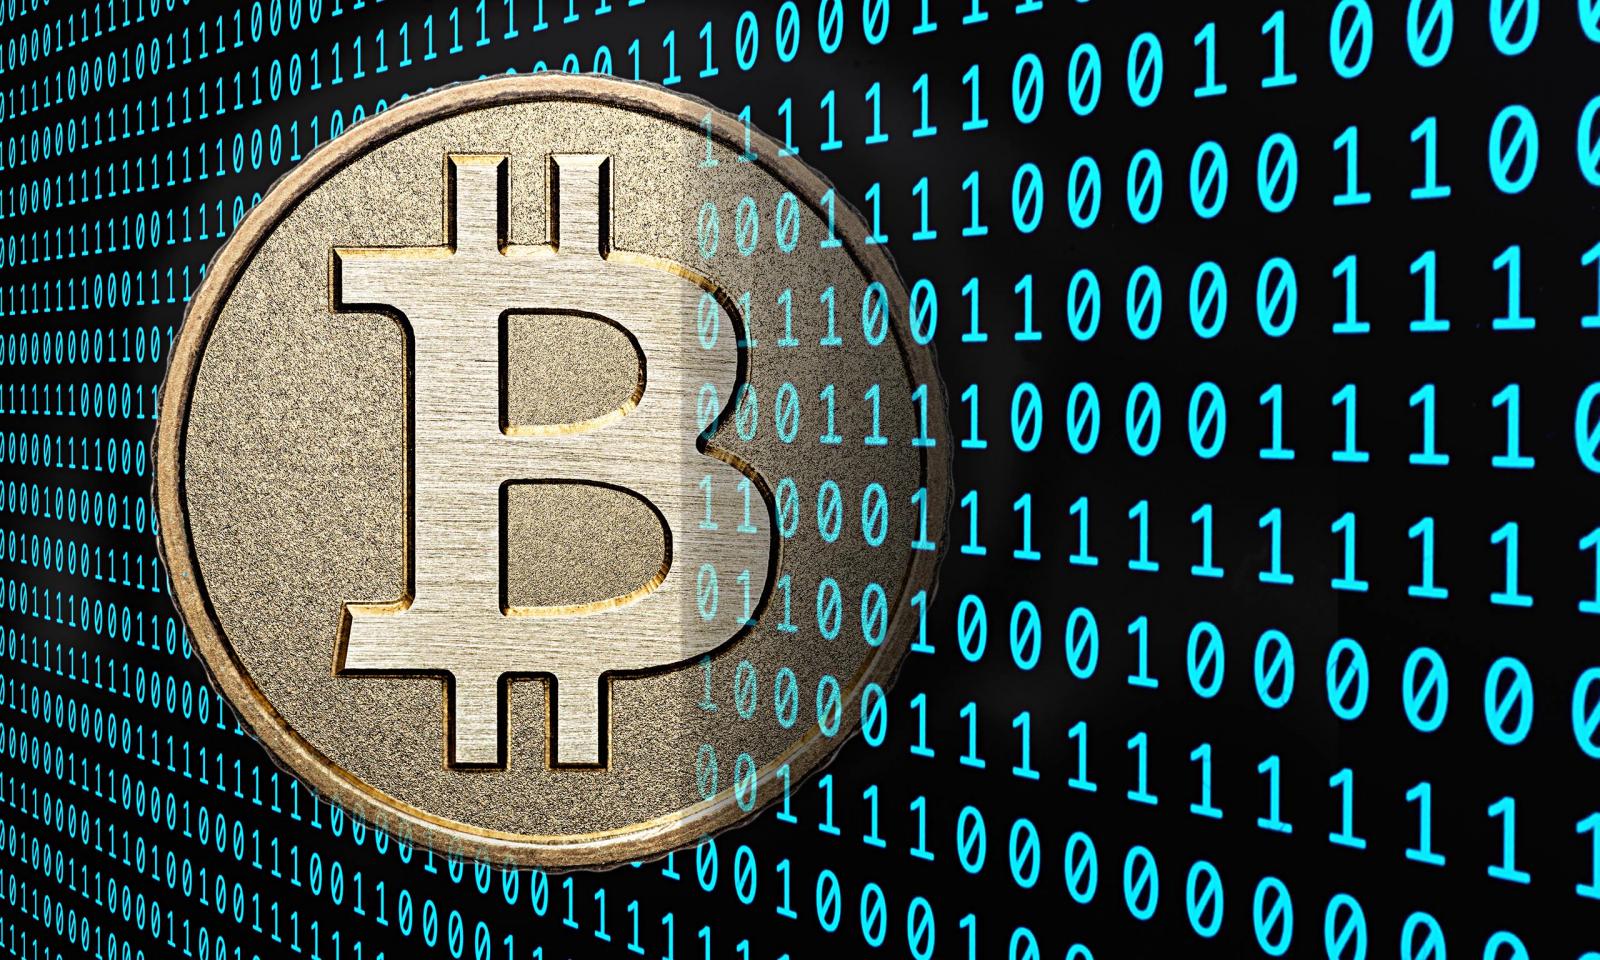 investi nel mining di bitcoin bitcoin alternative investment